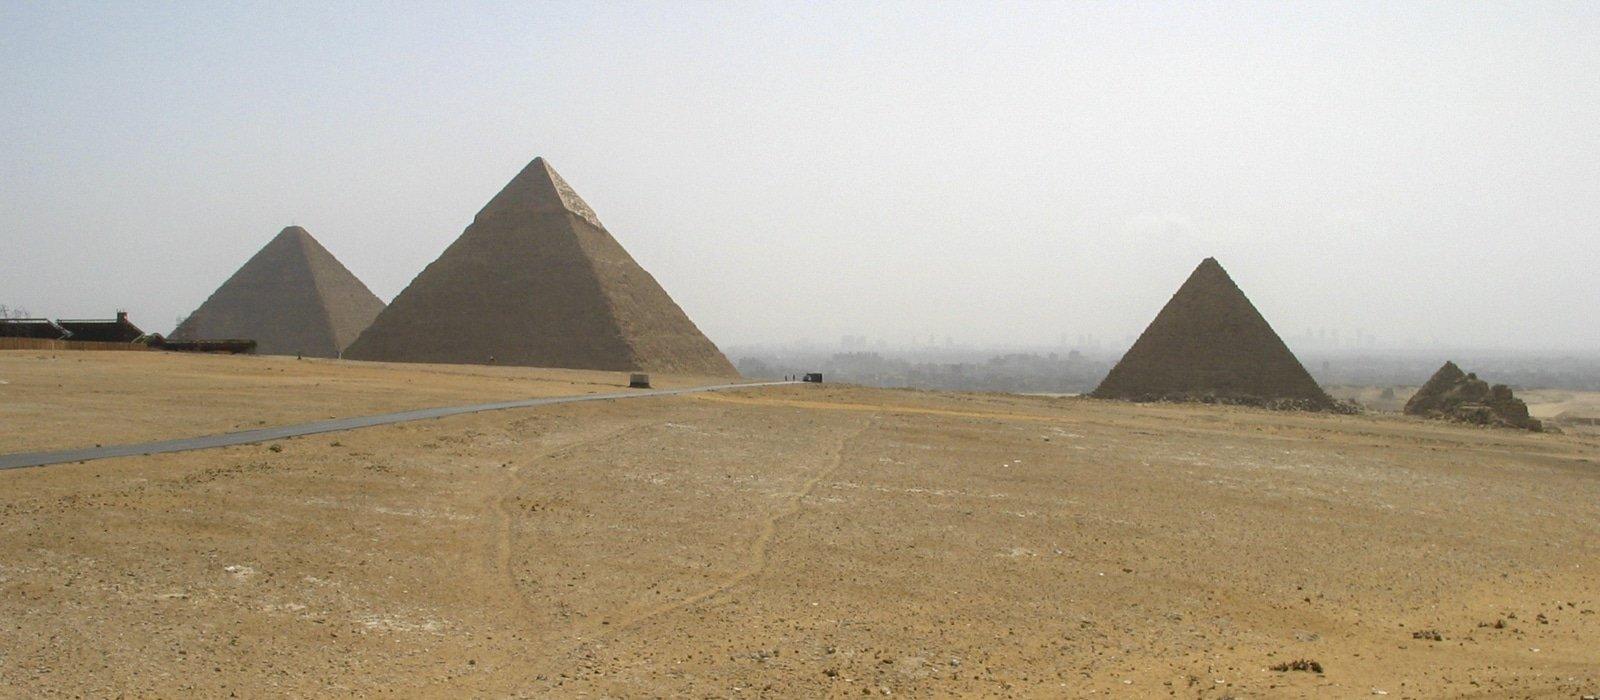 img-diapo-entete - Egypte-1600x700-2.jpg